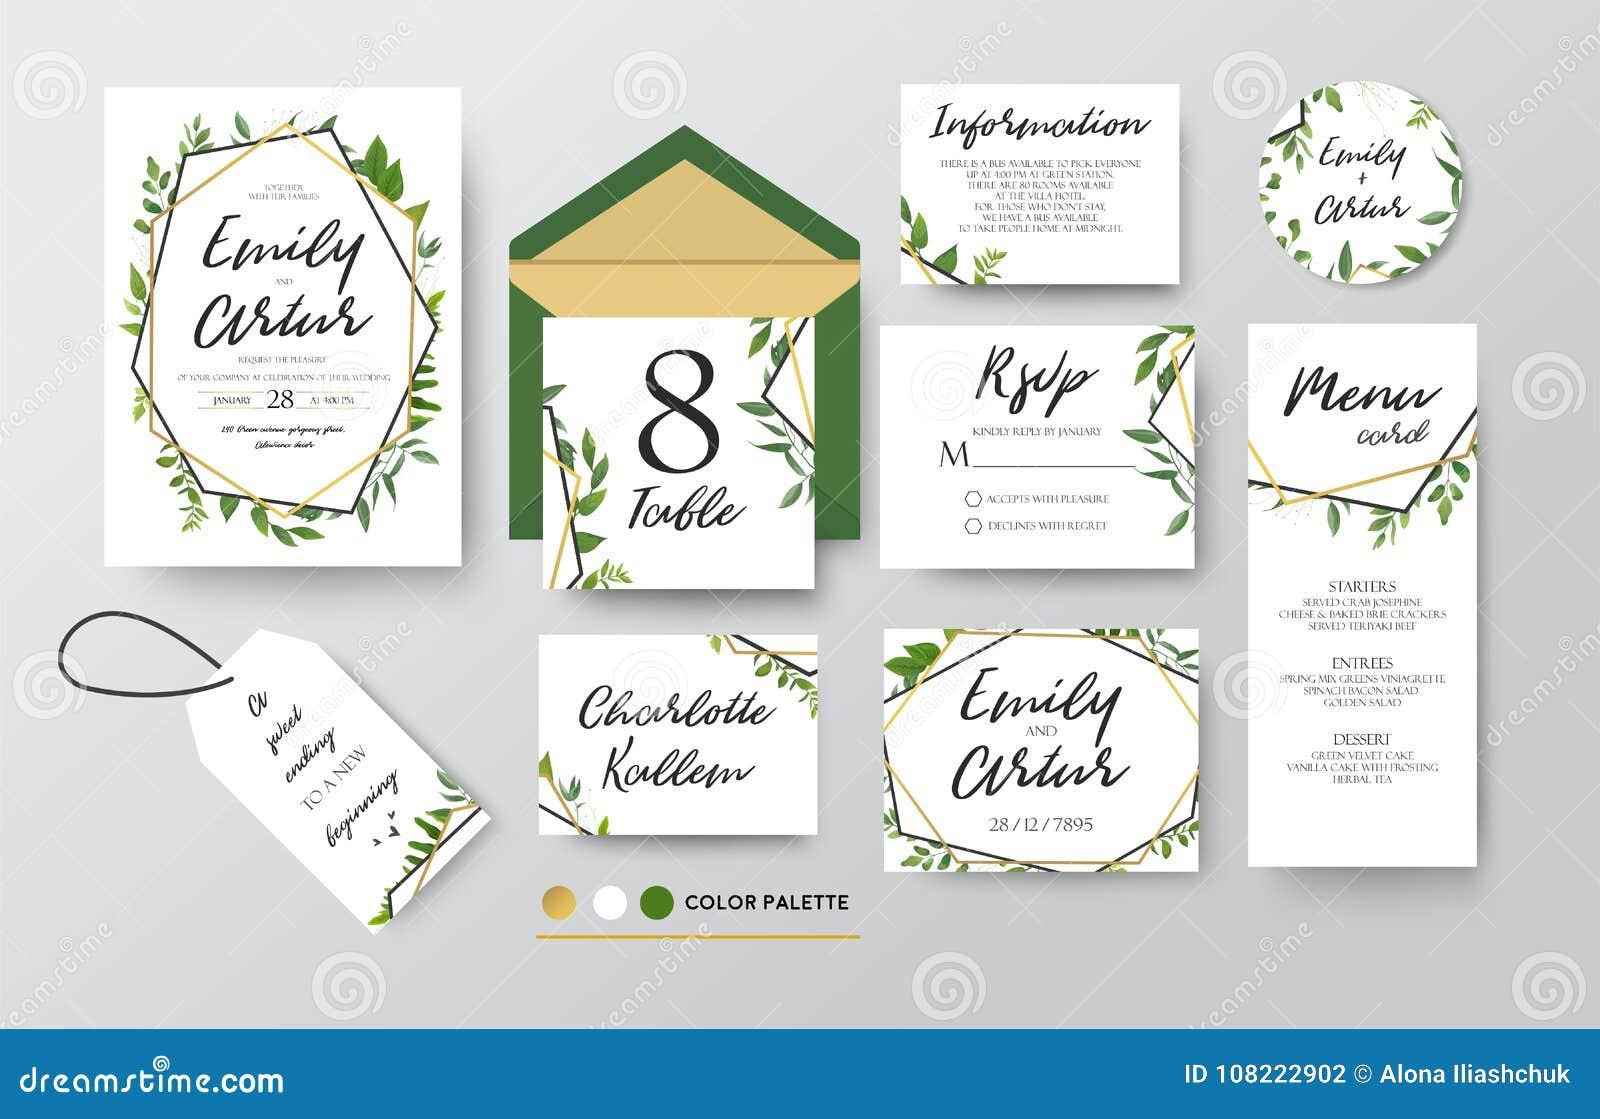 En épousant invitez, menu, rsvp, merci marquer des économies la carte de date D